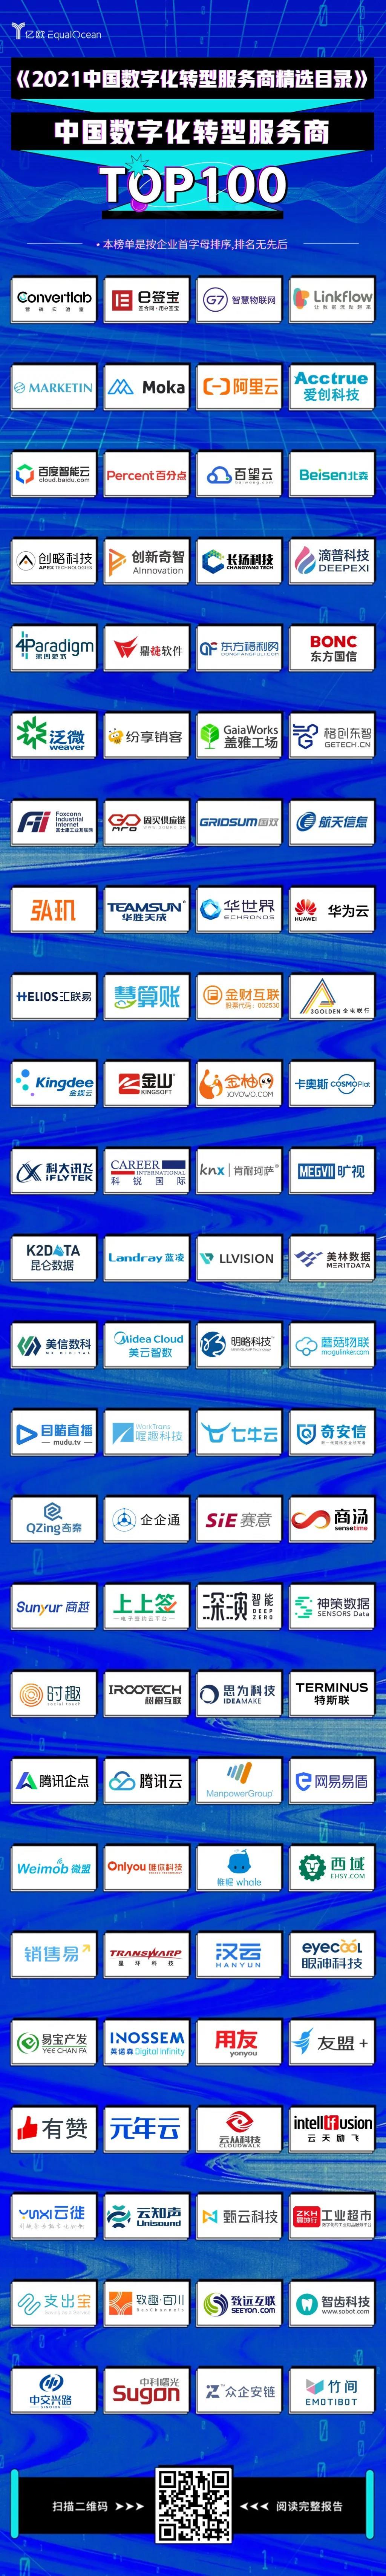 中国数字化转型服务商TOP100榜单 2